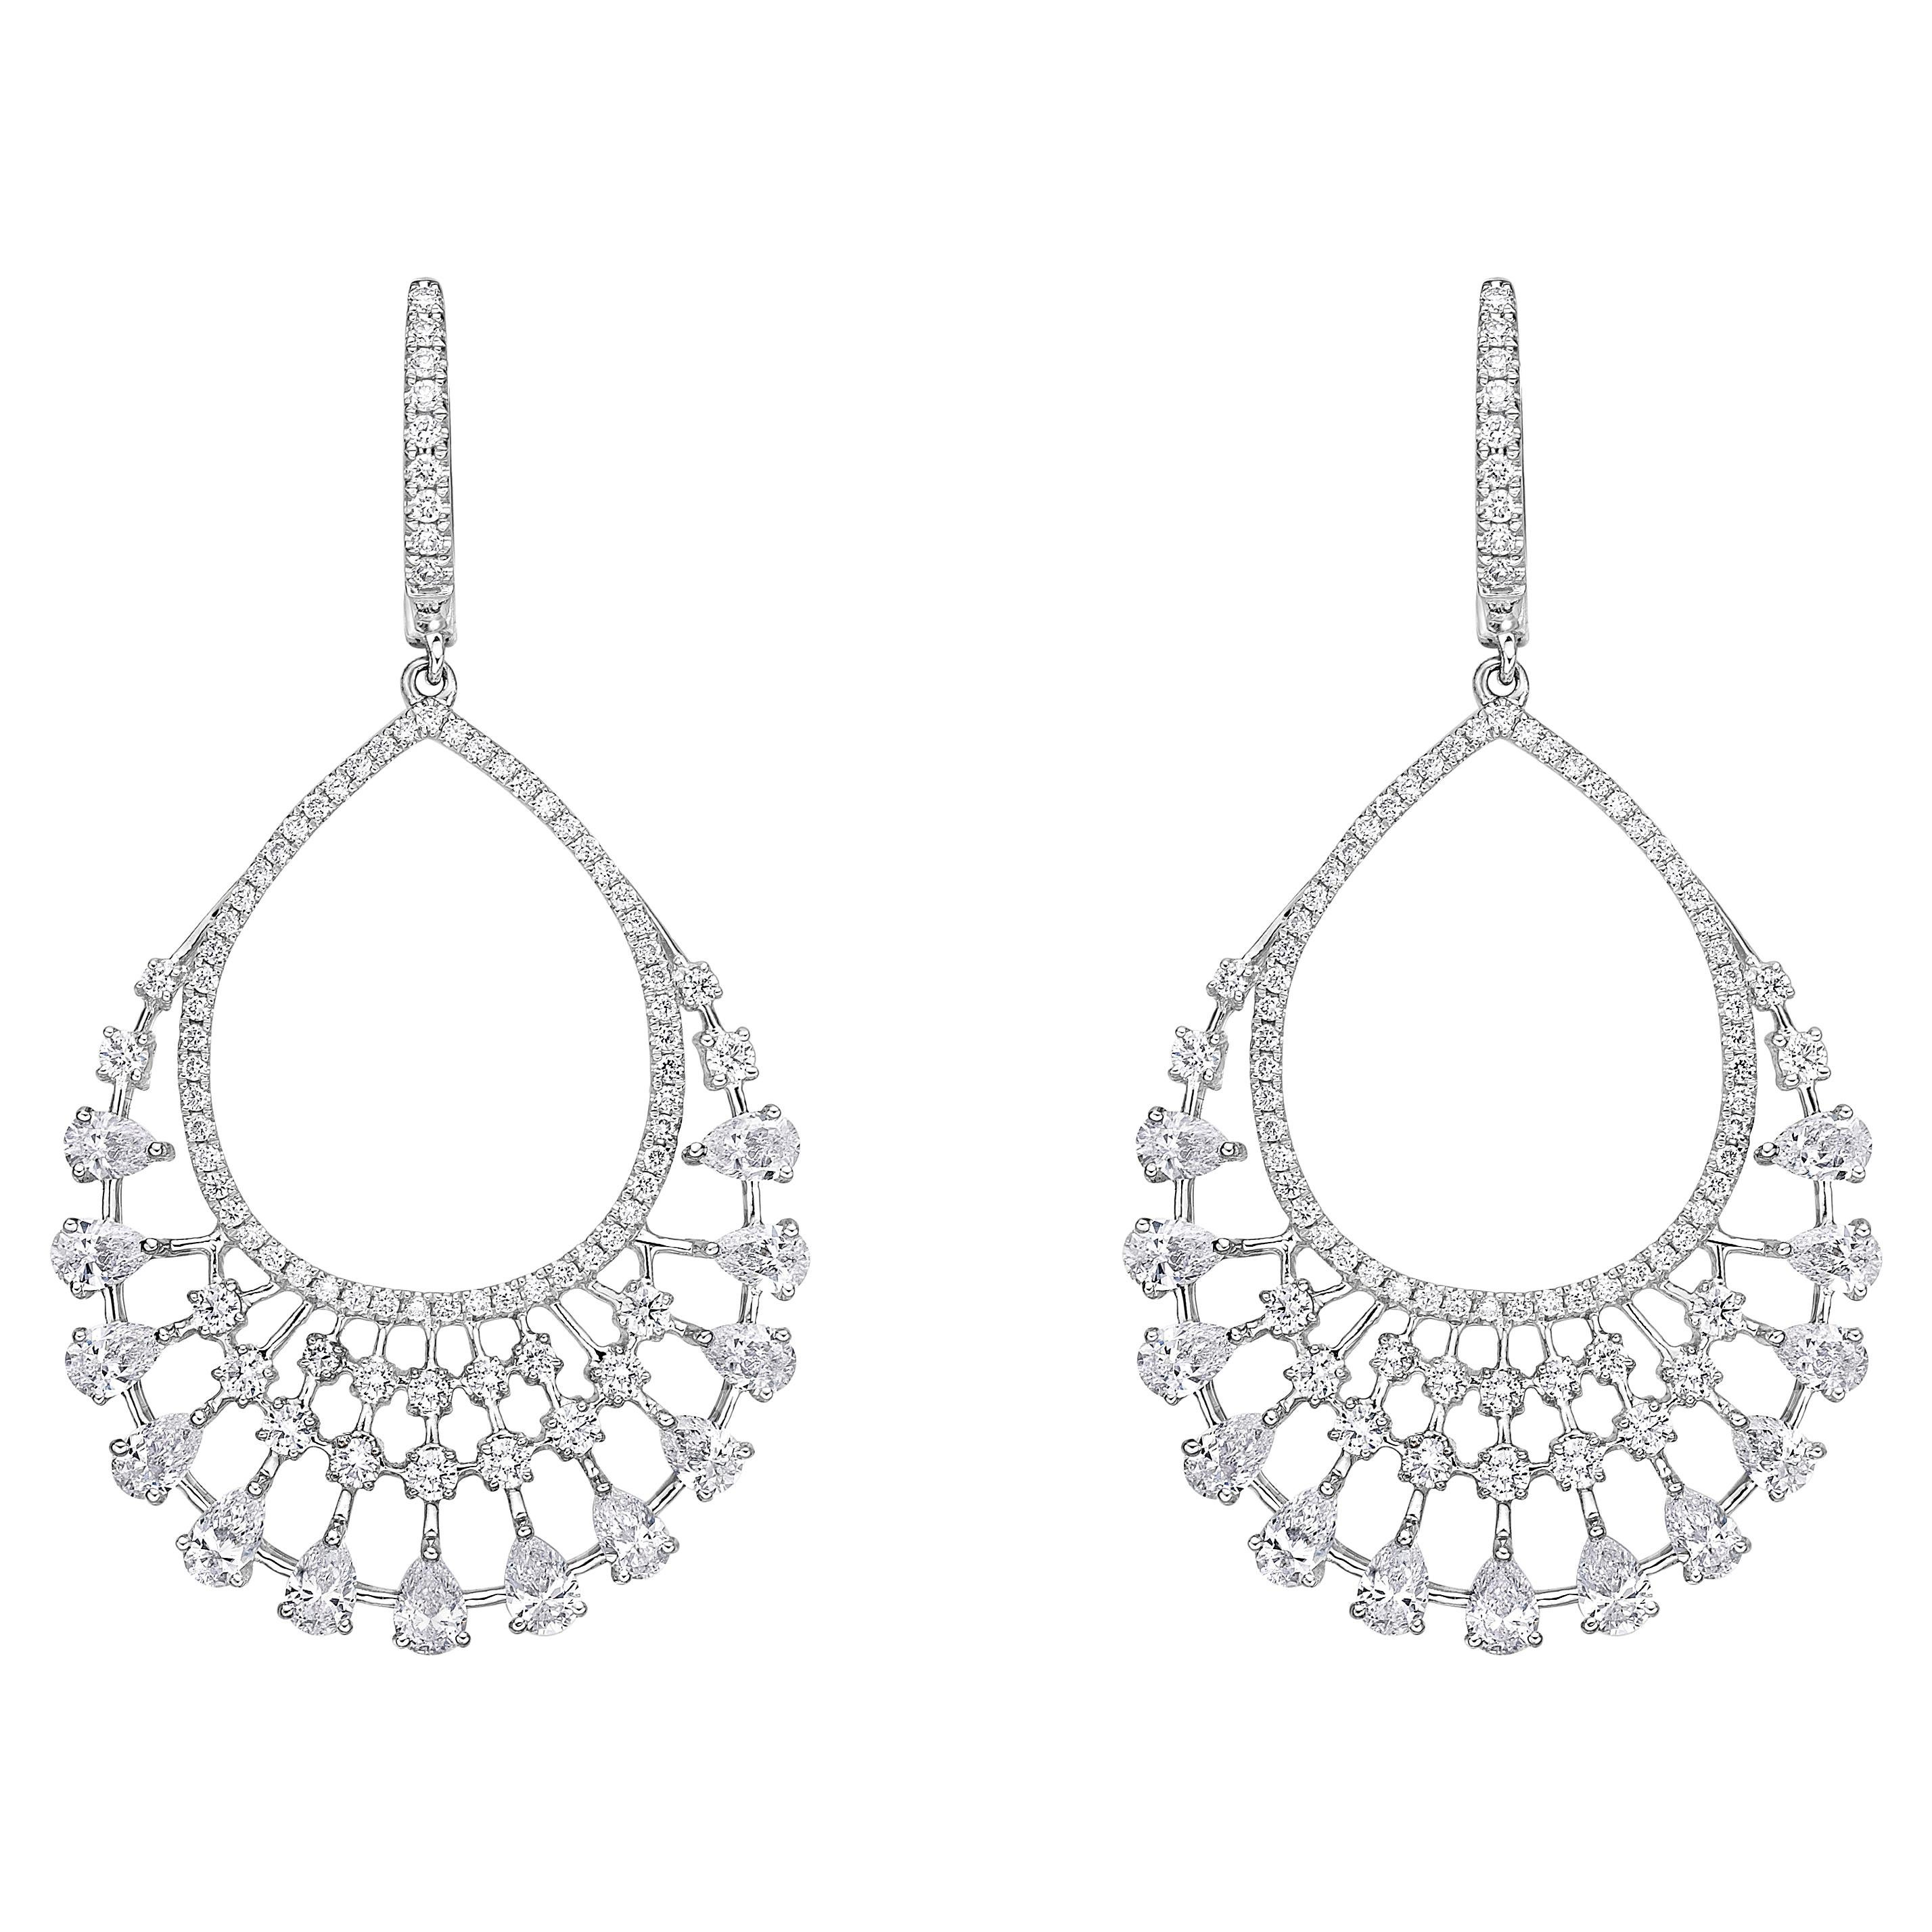 Elegant Chandeliers Earrings 14.67 Carat 18 Karat Gold Diamond Dangling Earrings